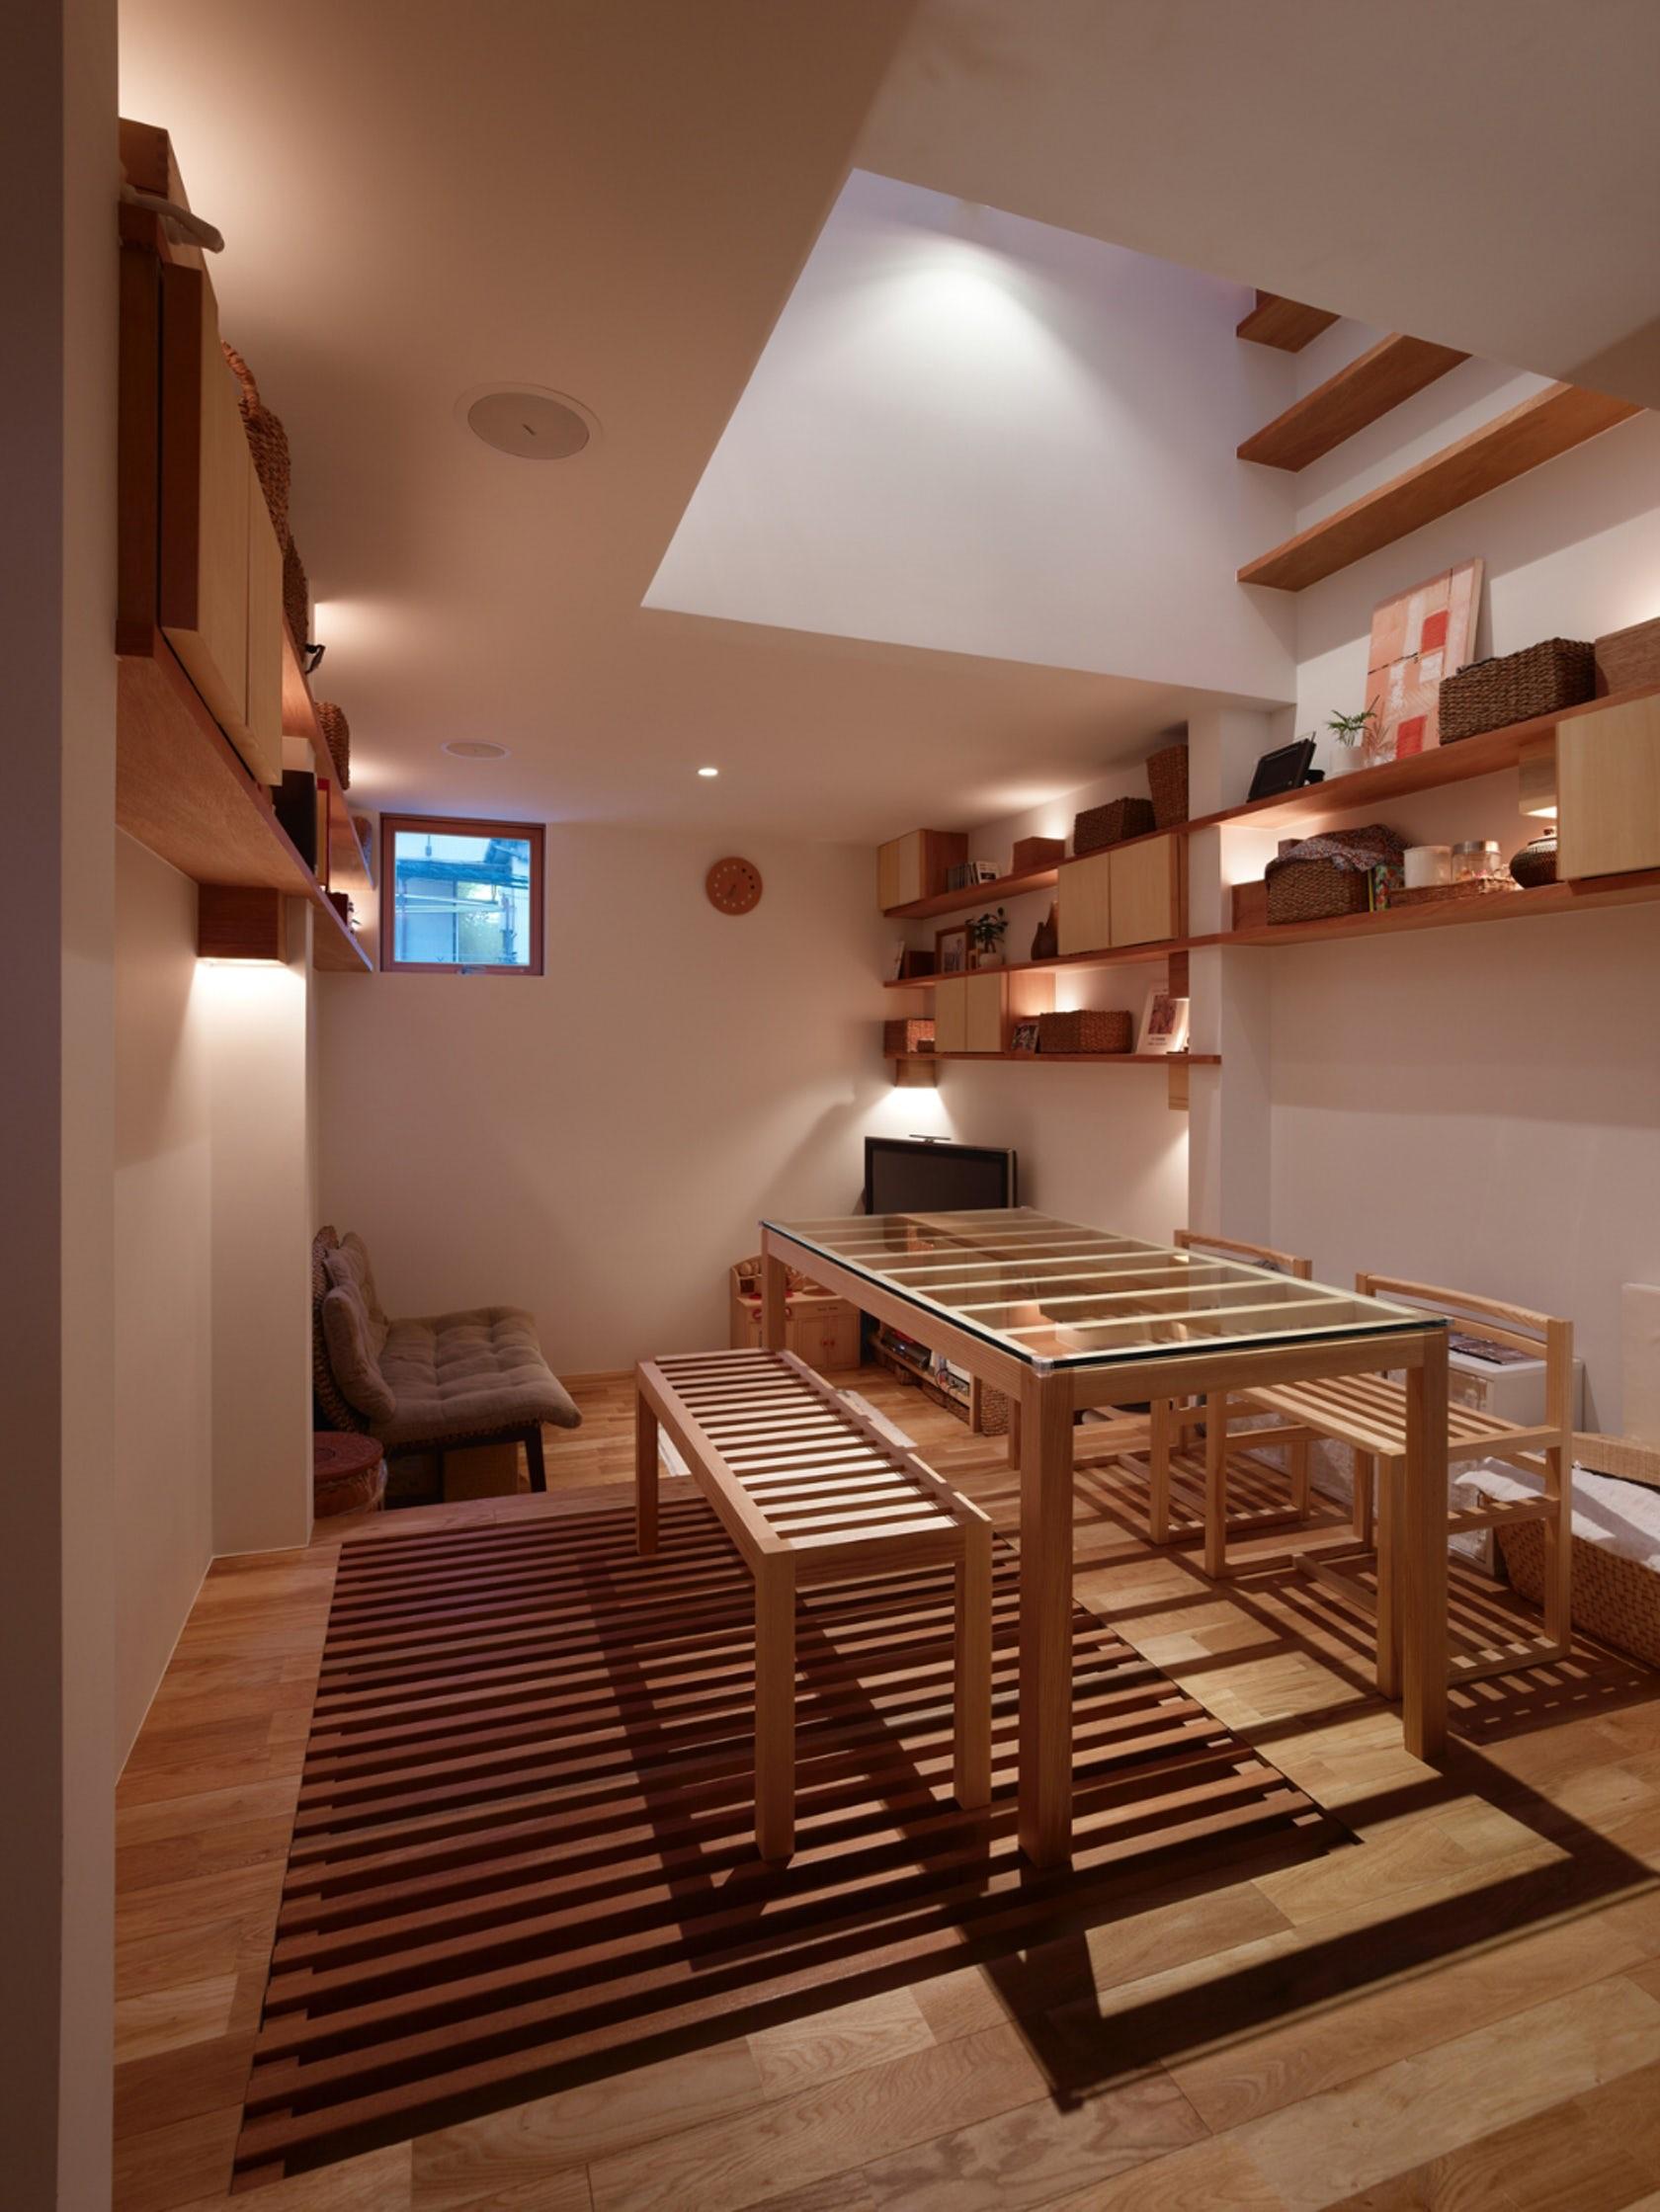 Ngôi nhà tí hon với mặt tiền hẹp 2,5m ở Nhật, sâu hun hút nhưng gây bất ngờ nhờ sở hữu thiết kế quá thông minh - Ảnh 7.